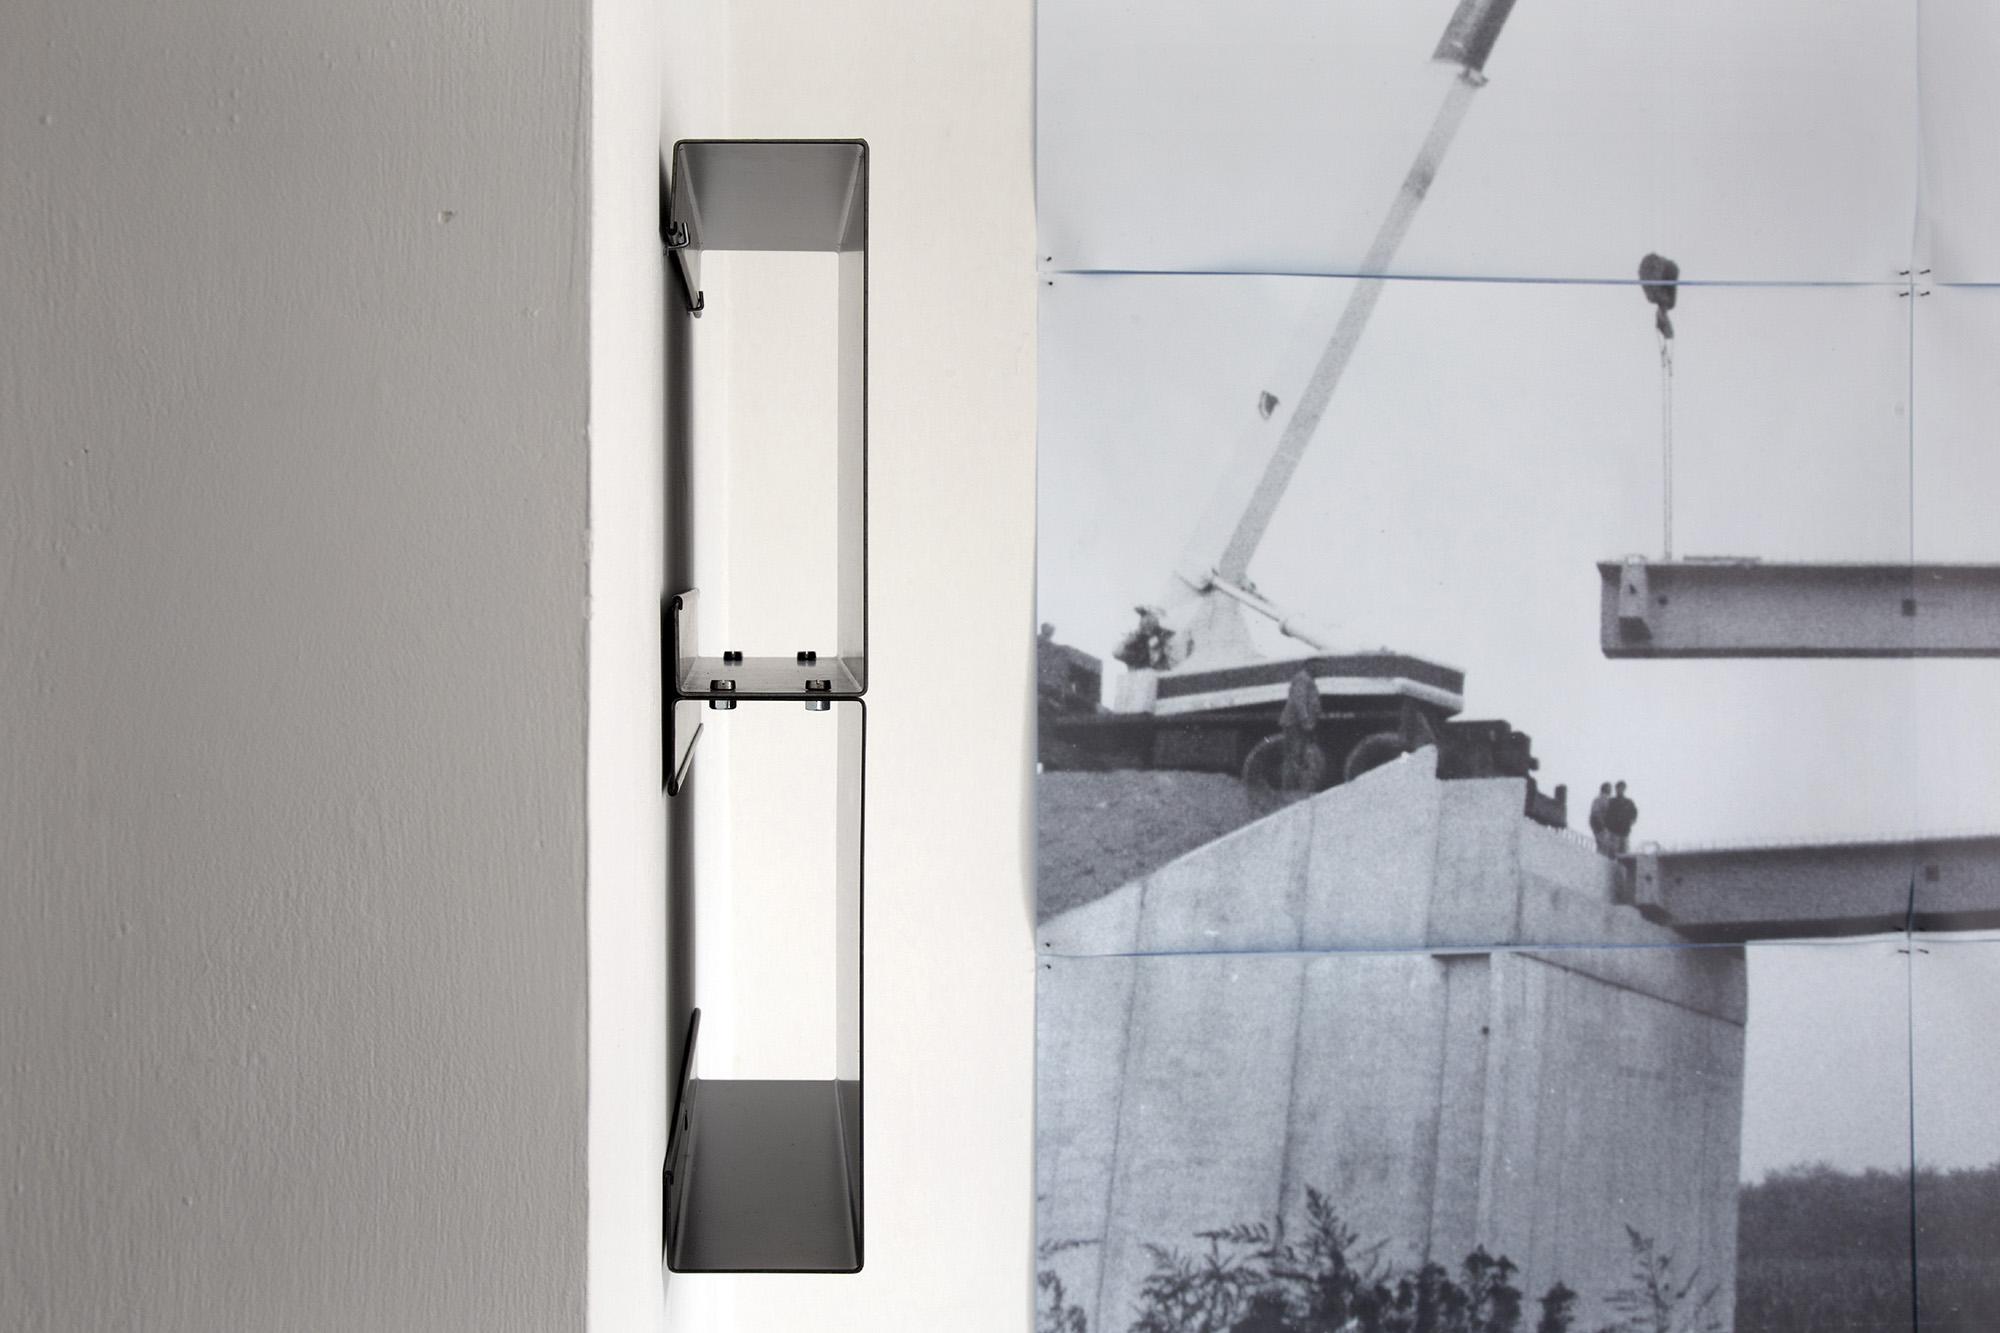 Matteo Ceretto Castigliano CT Orizzonte Artificiale Galleria CRAC – Chiara Ronchini Arte Contemporanea